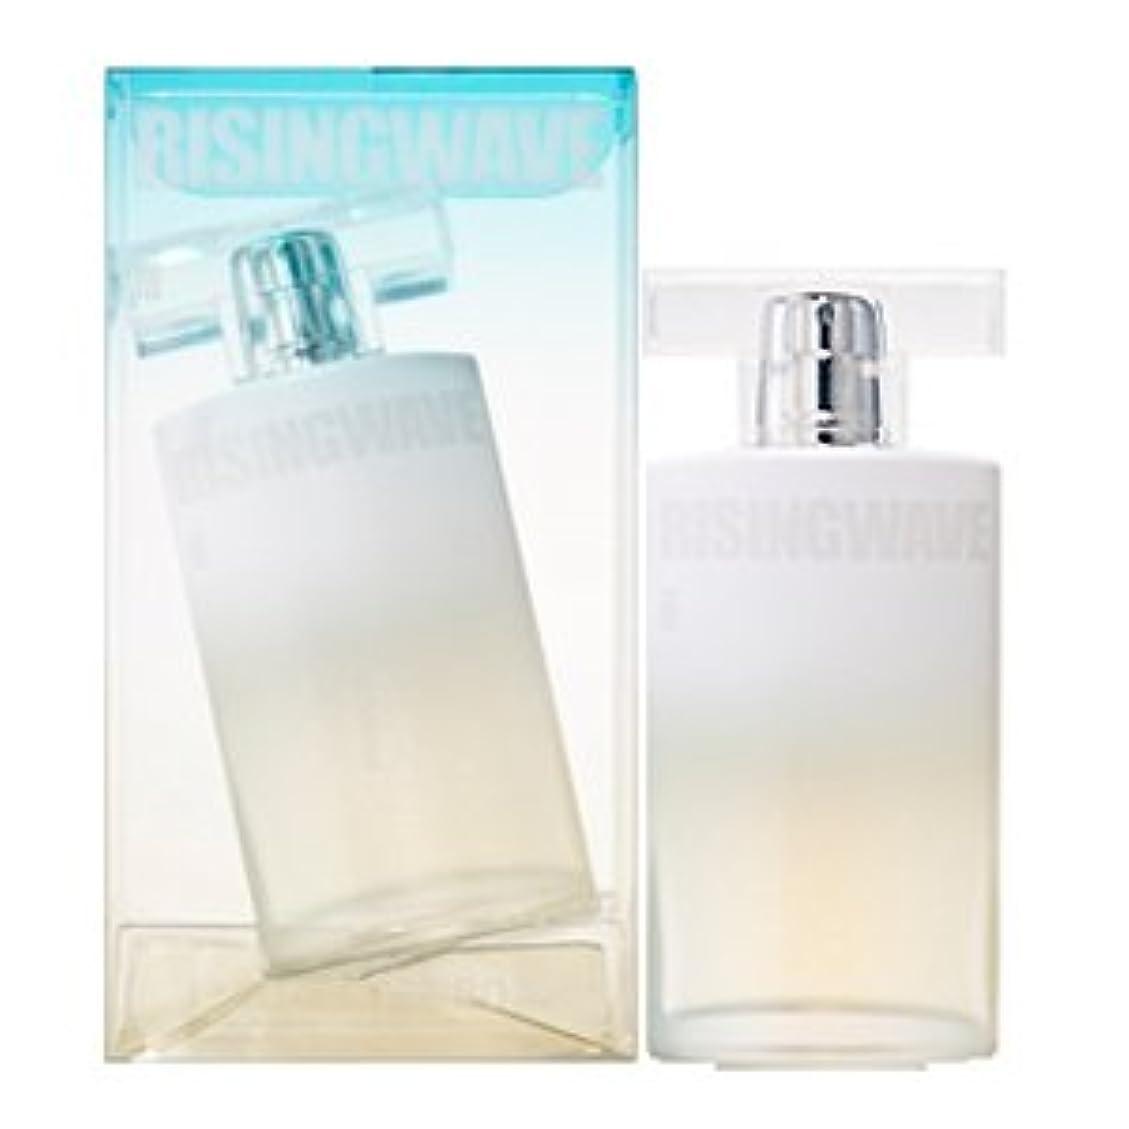 主に迫害する確かめるライジング ウェーブ 香水 フリーコーラルホワイト ET 50ml SP 【並行輸入品】